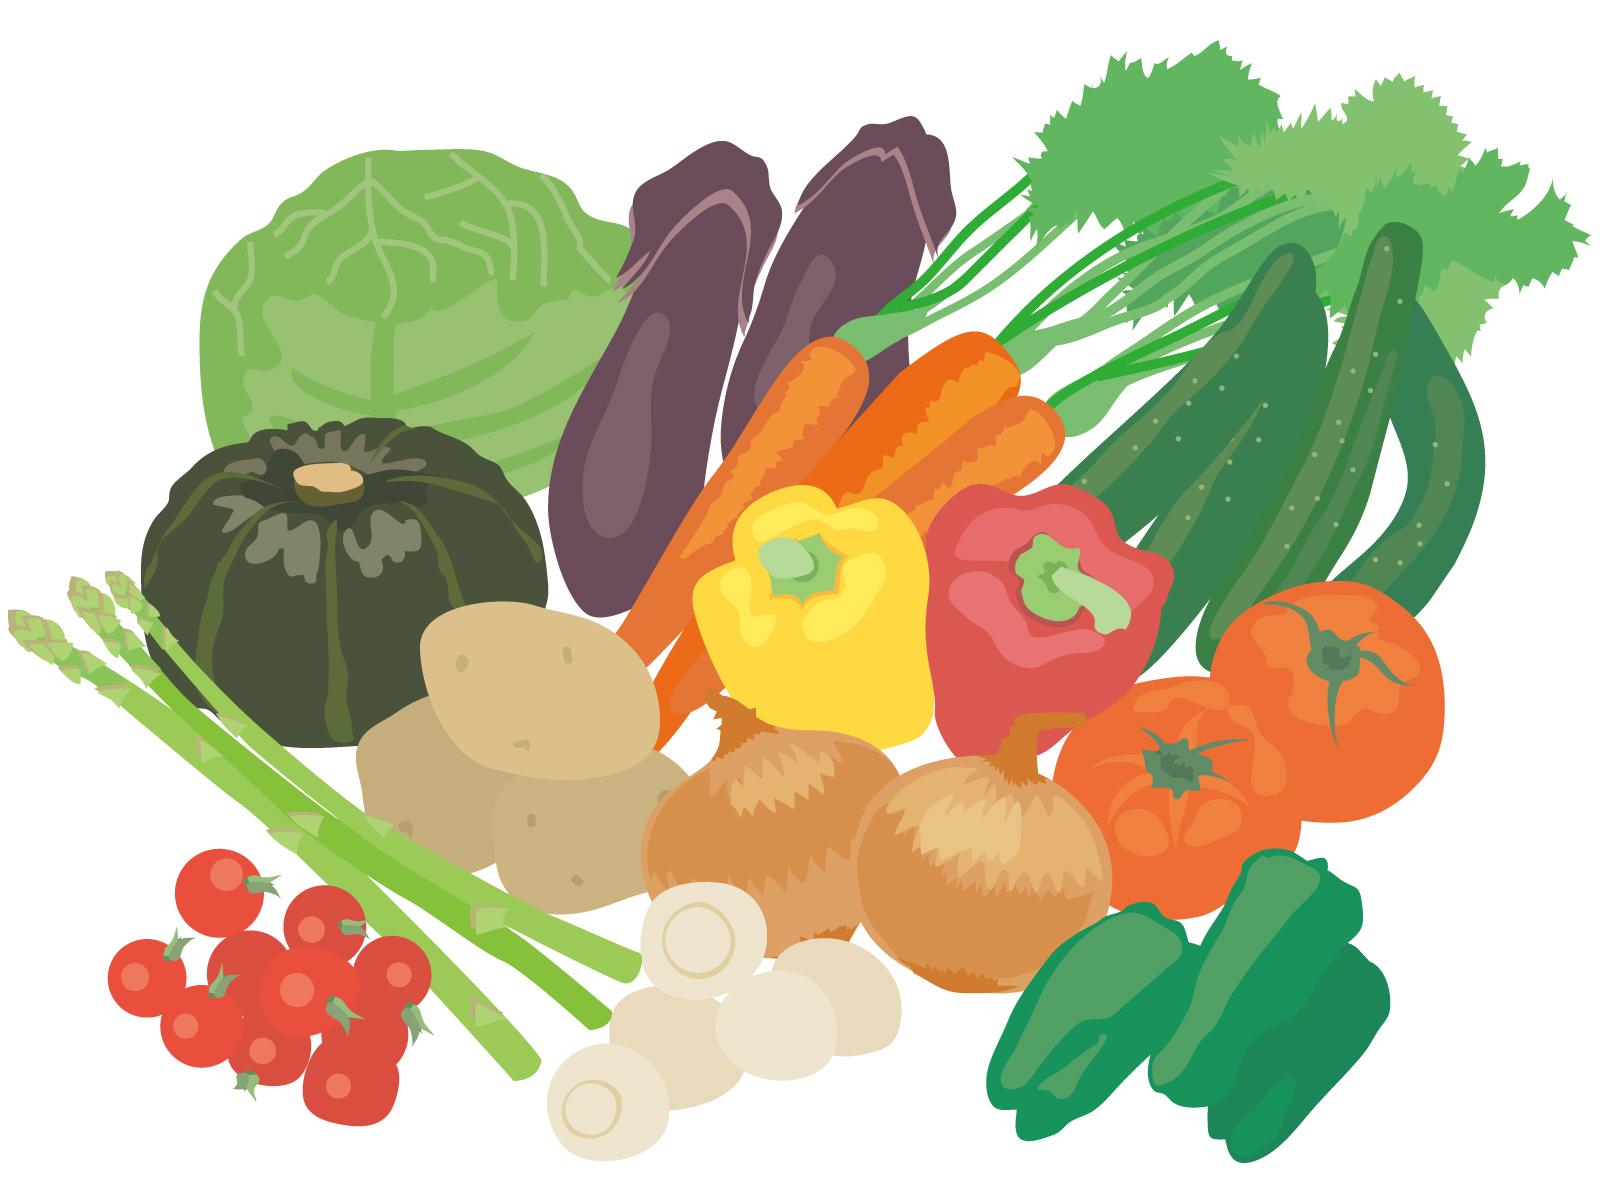 スープダイエットと糖質制限の組み合わせで簡単に痩せる